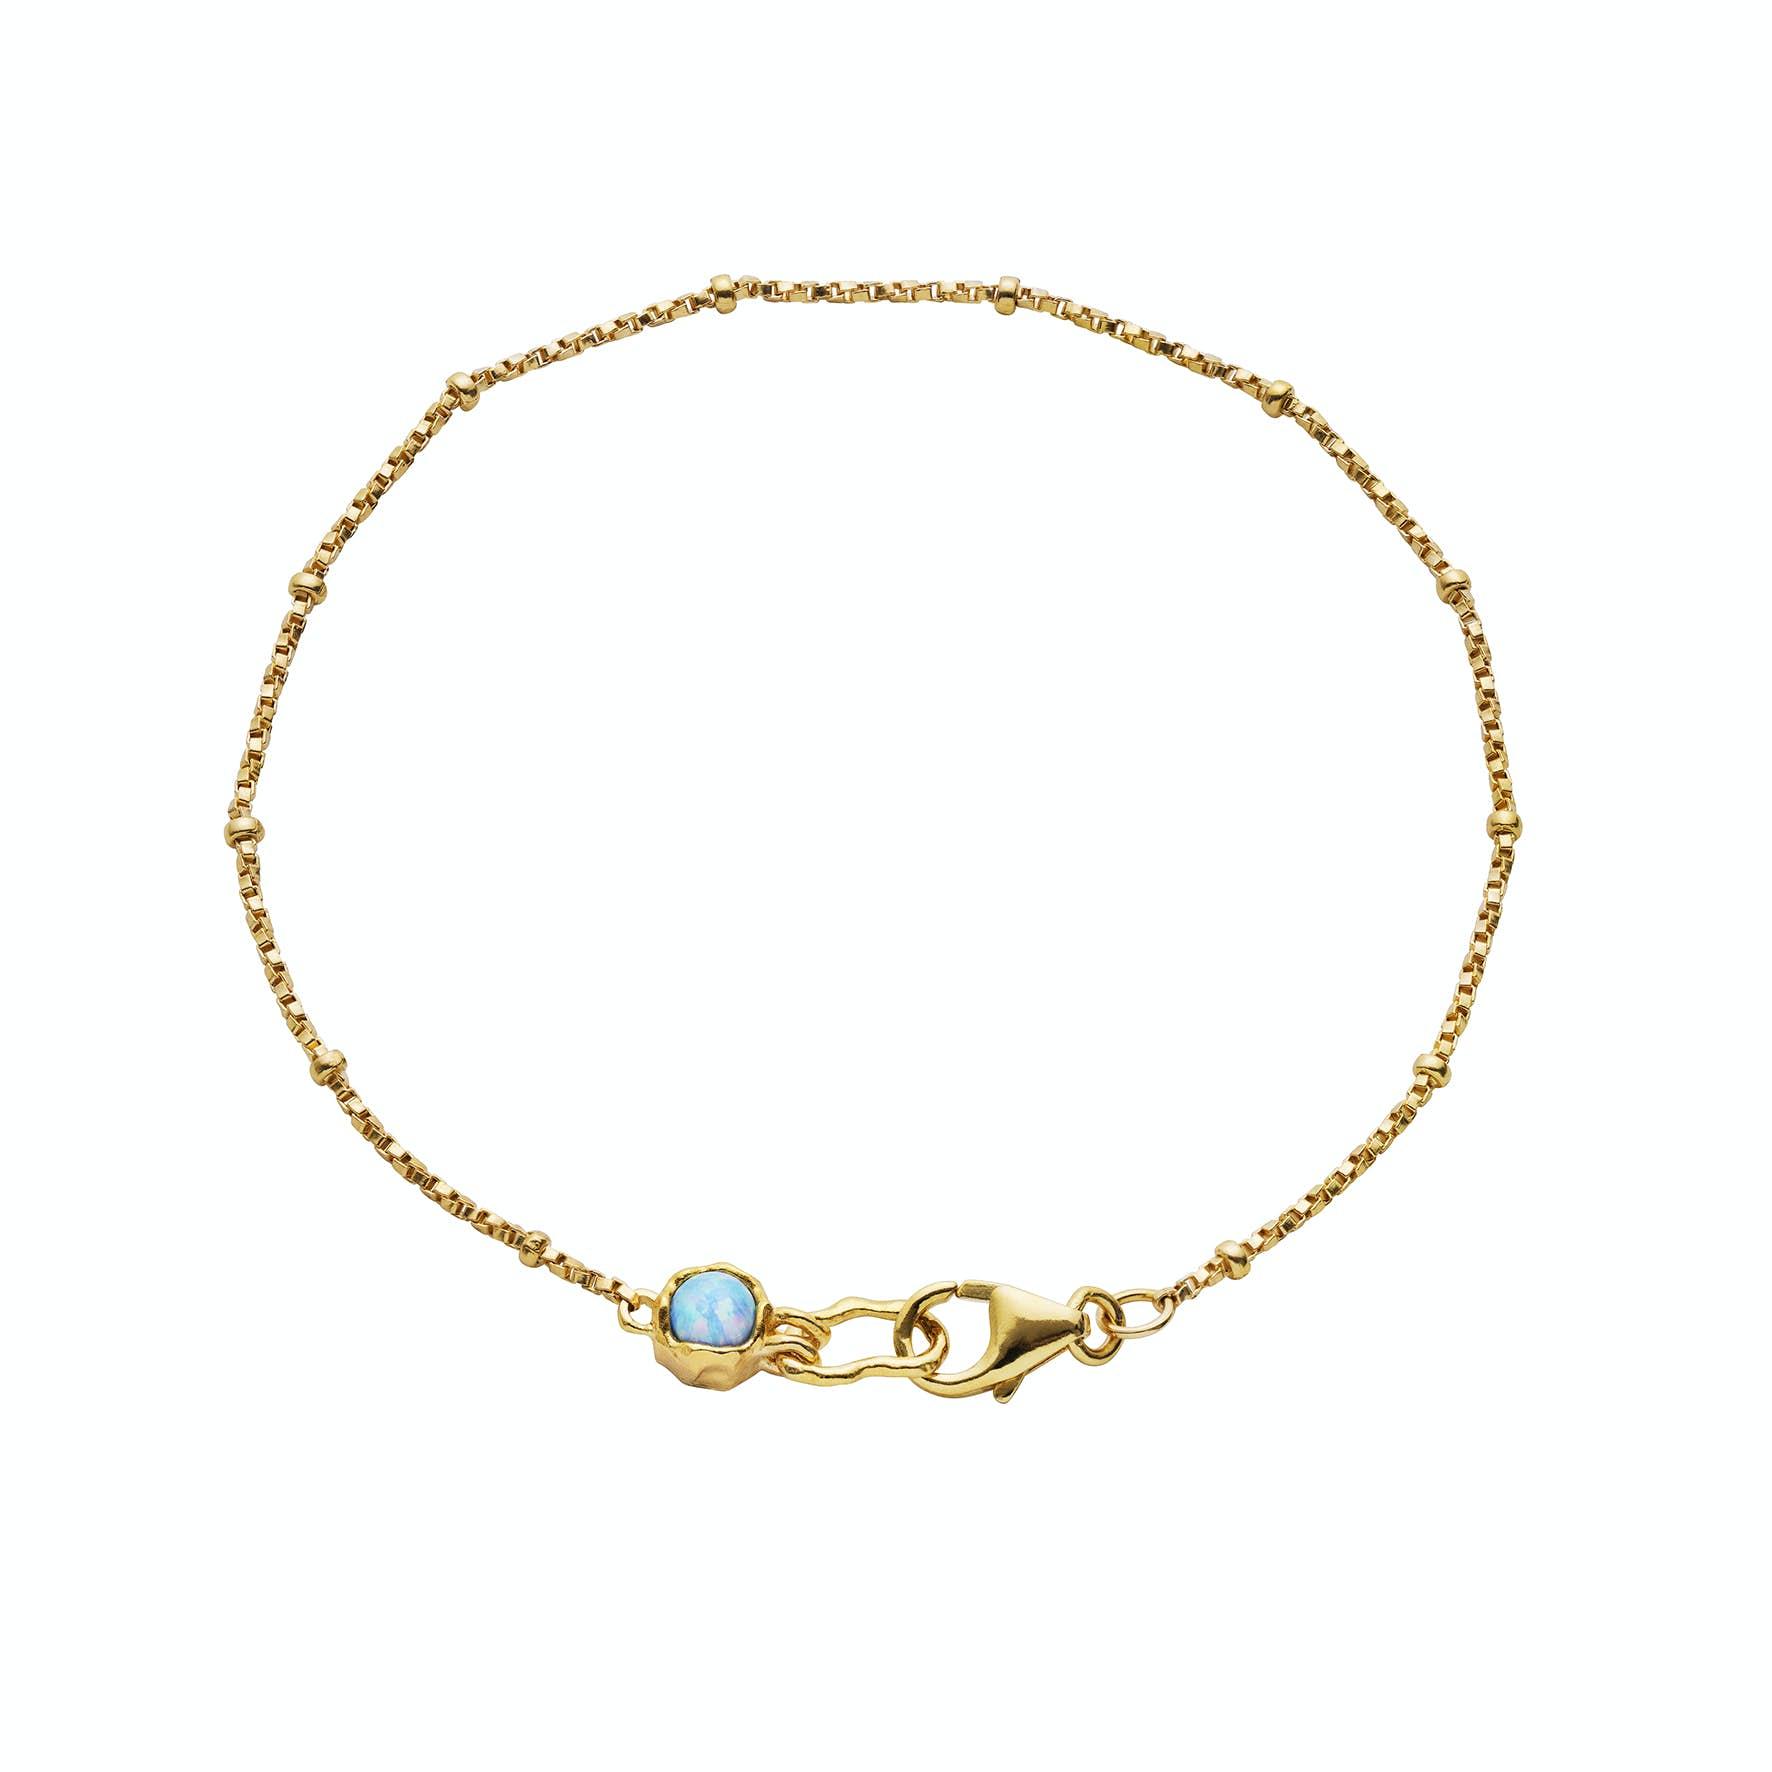 Torenia Bracelet von Maanesten in Vergoldet-Silber Sterling 925